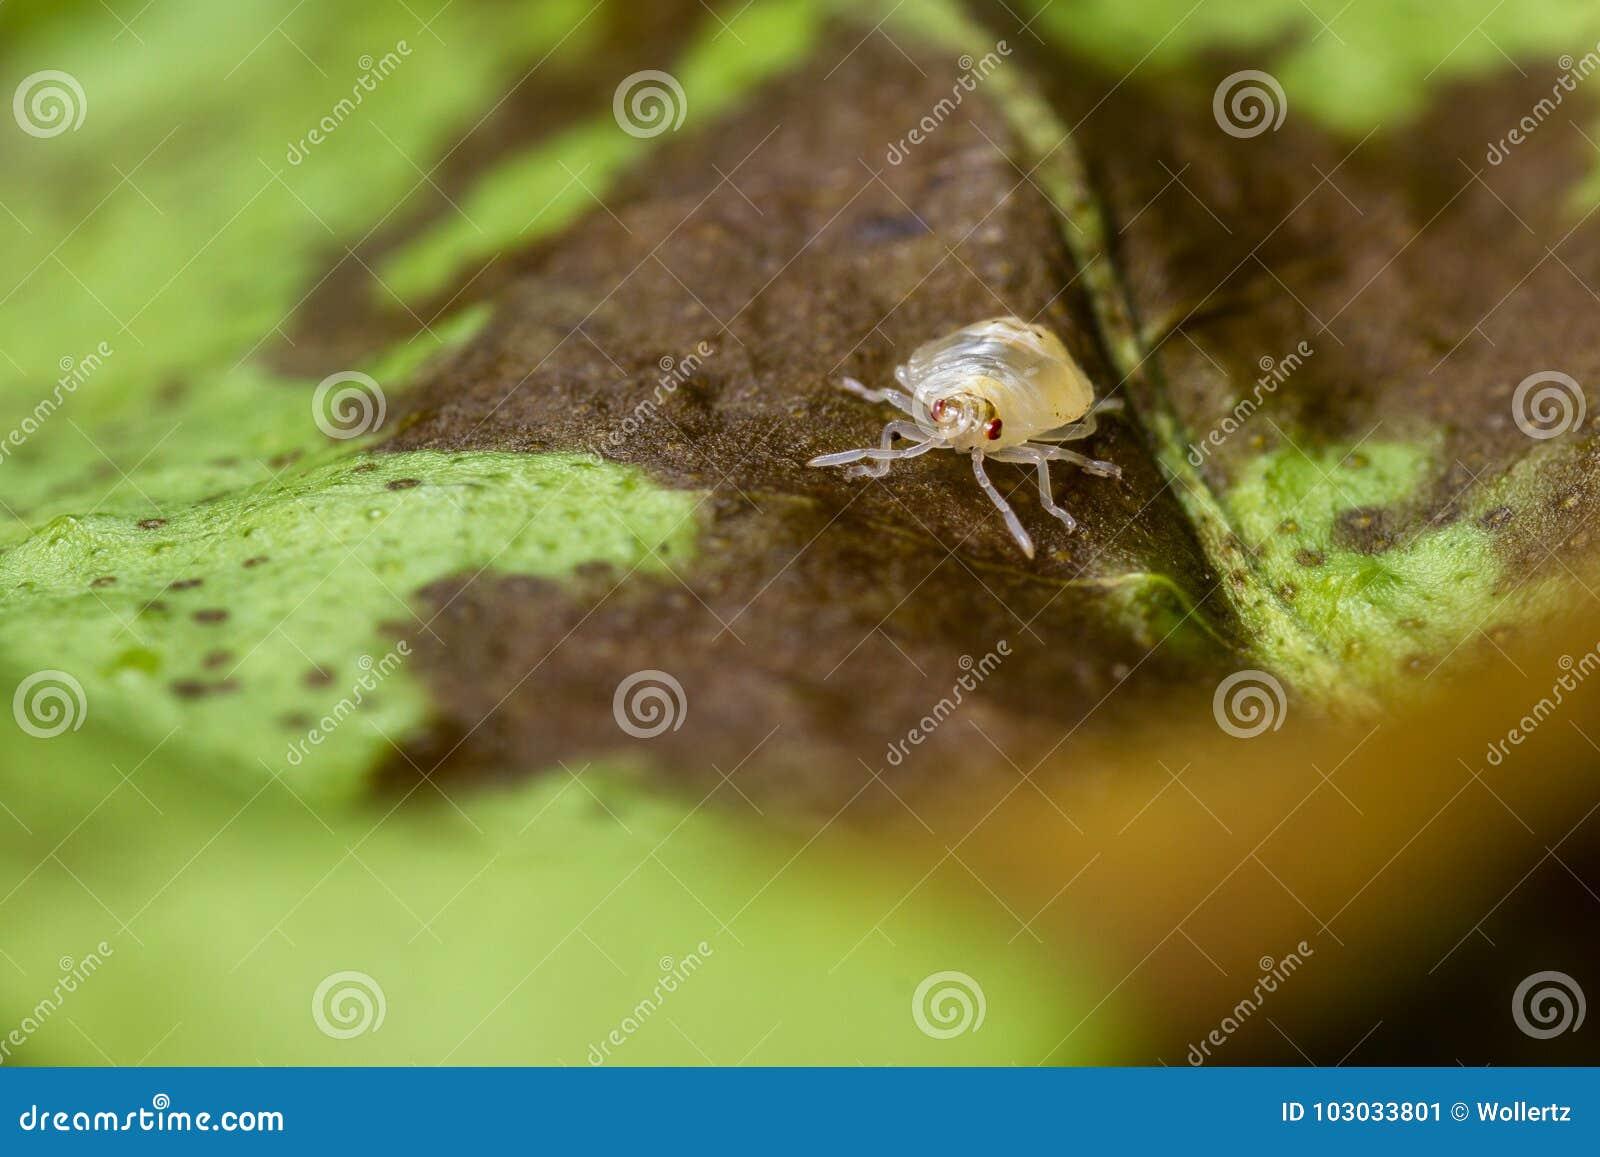 Łaciasta pająk lądzieniec